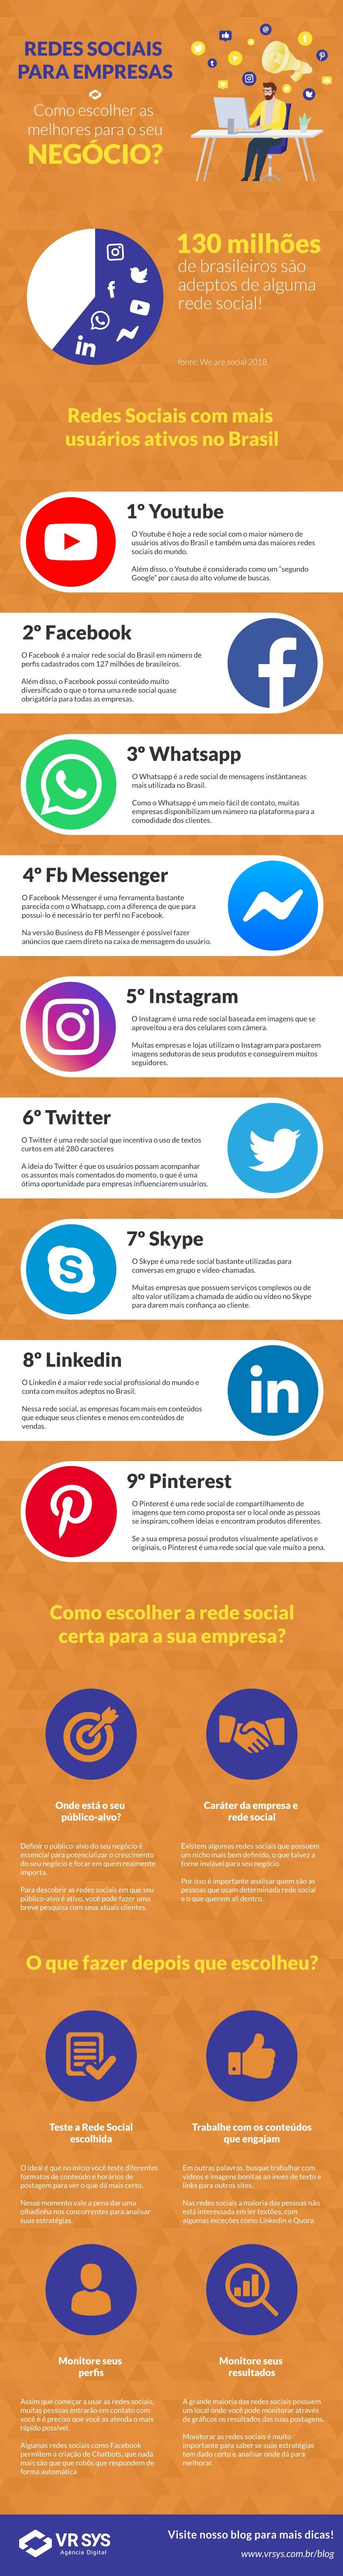 Redes sociais para empresas – Como escolher as melhores para o seu negócio?